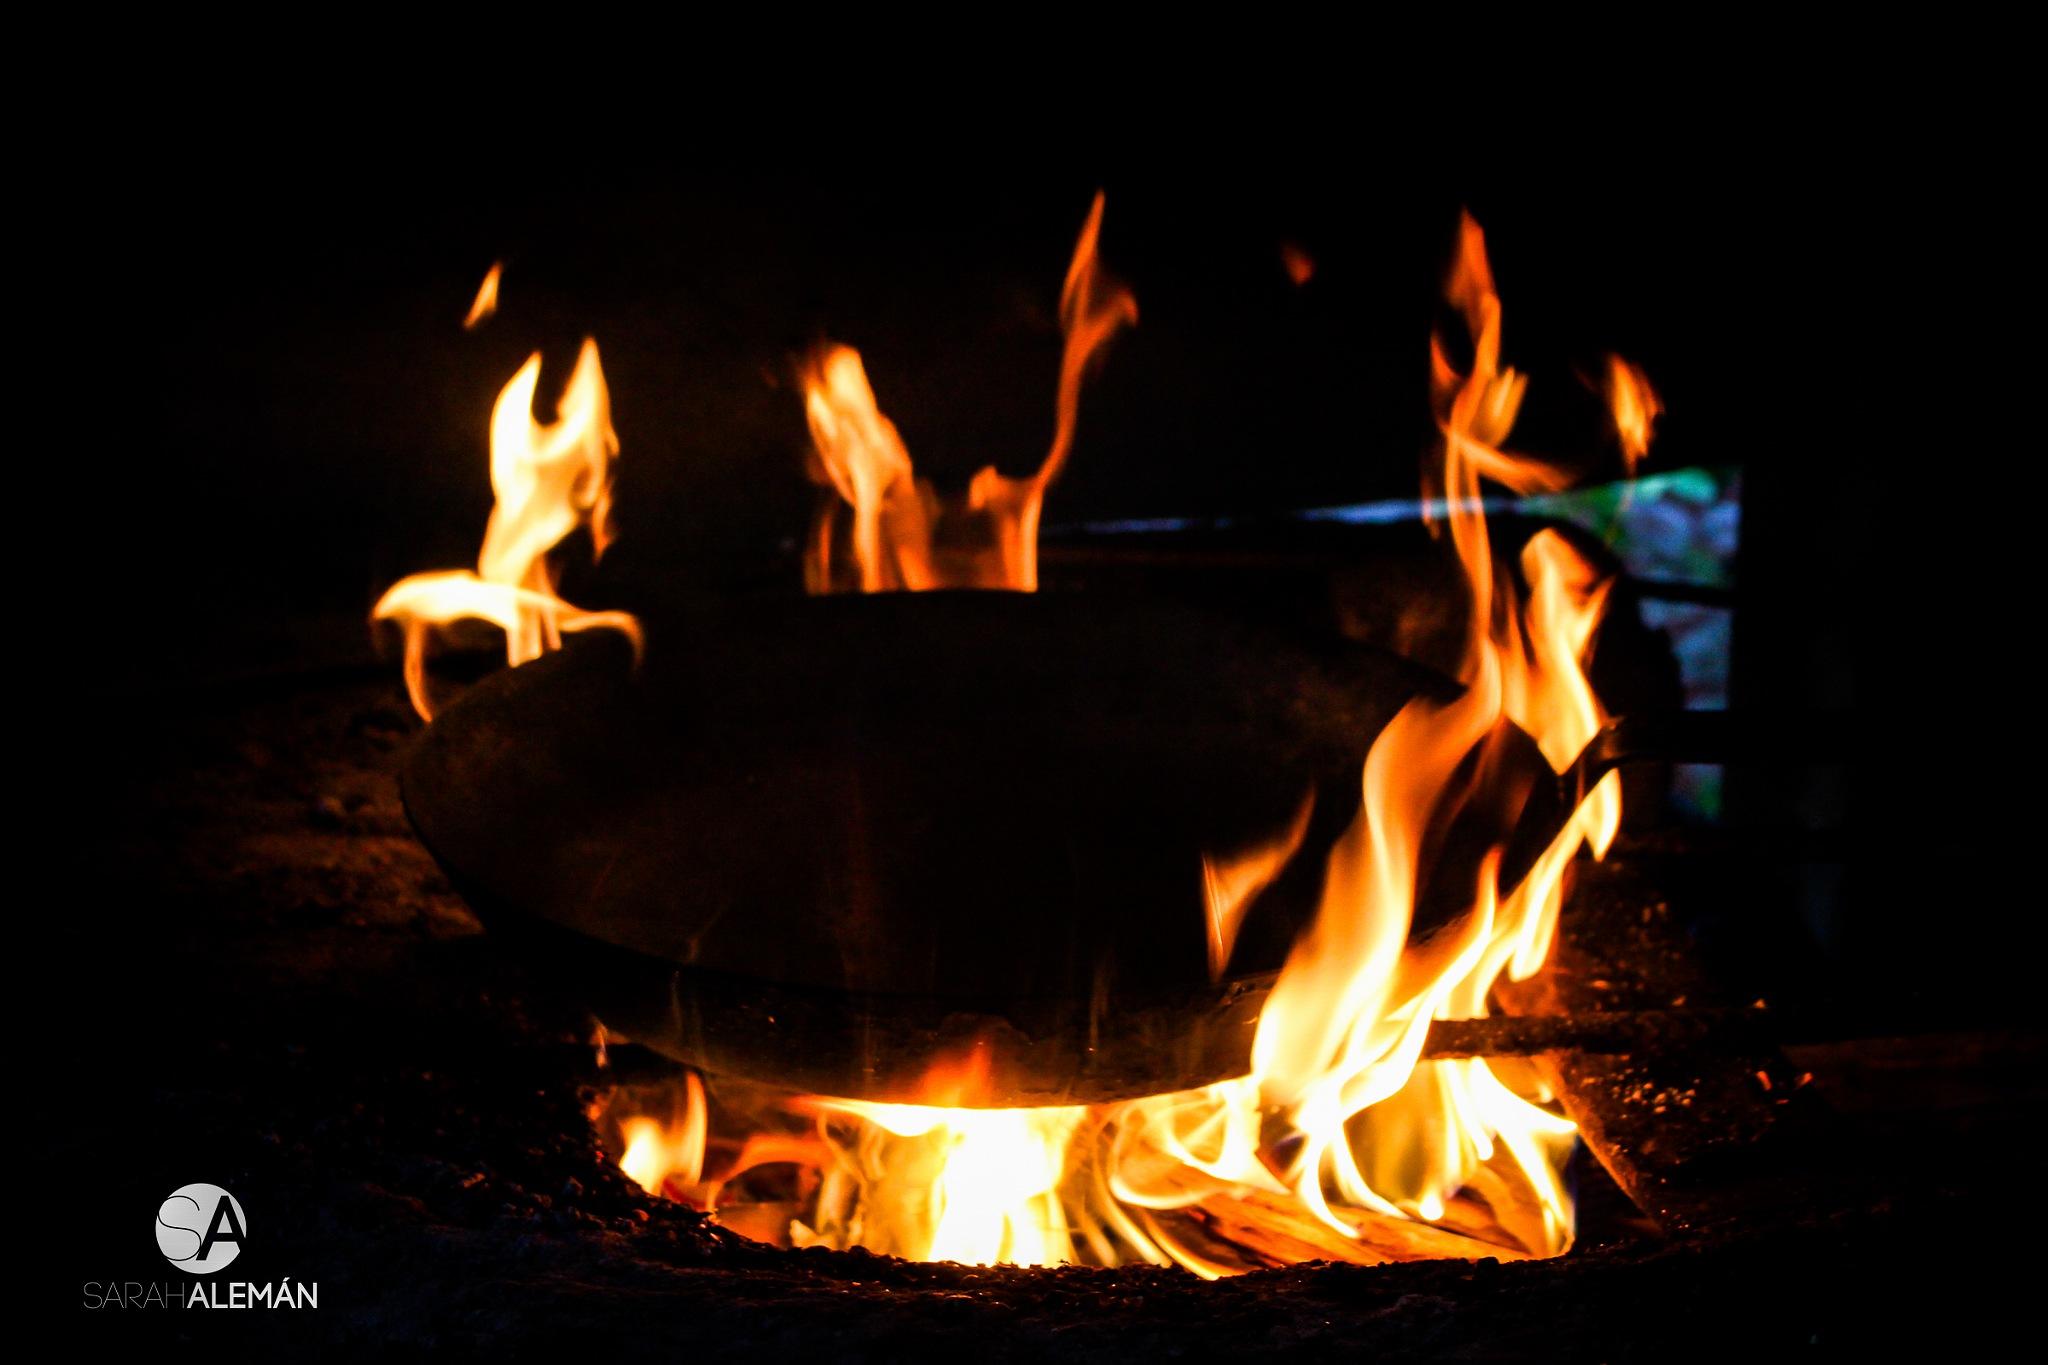 listo el fuego by SARAH ALEMAN